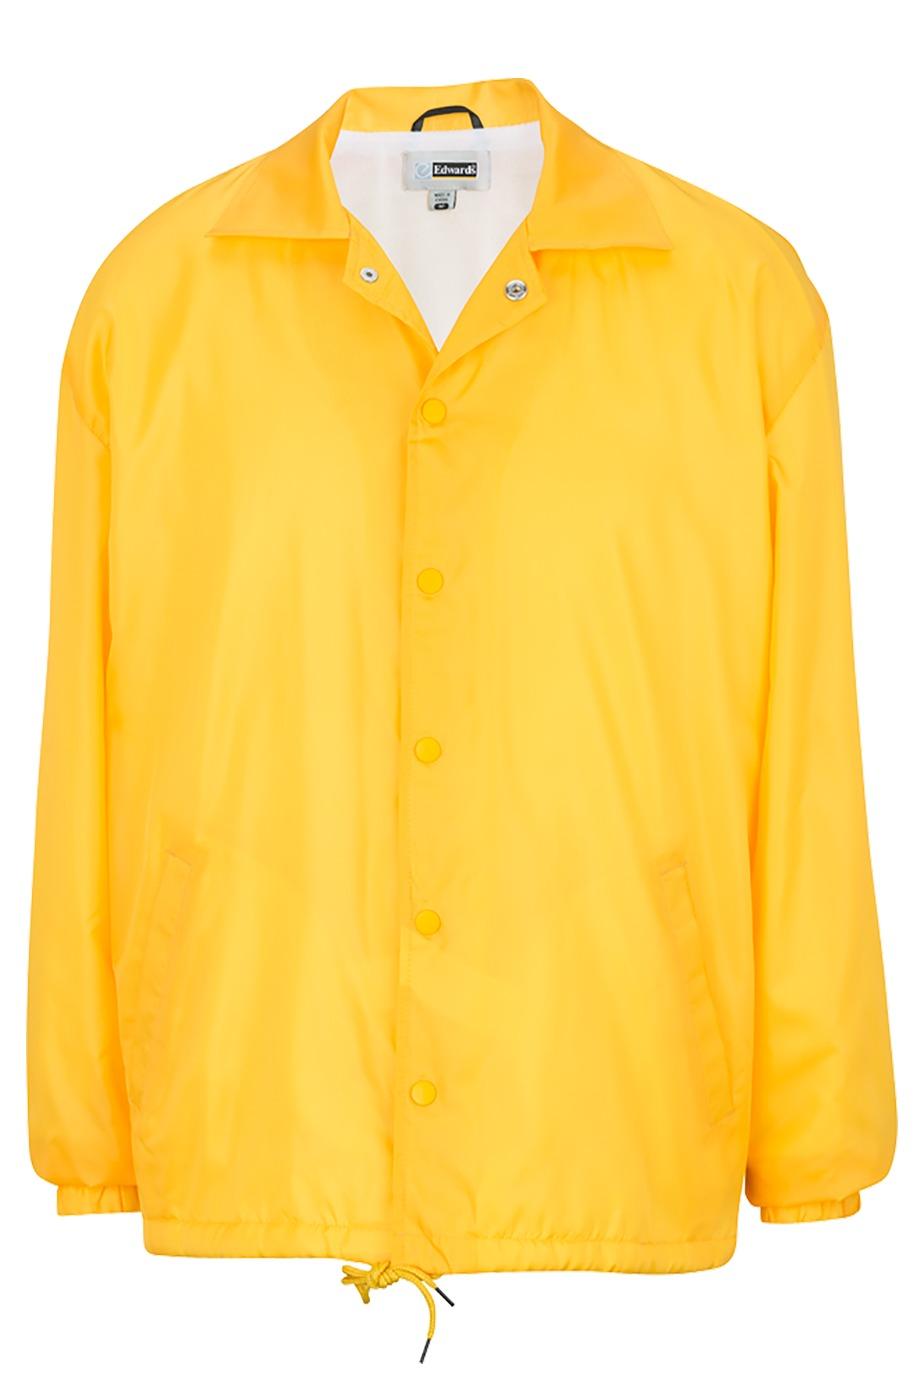 Edwards Garment 3430 - Unisex Coach's Jacket